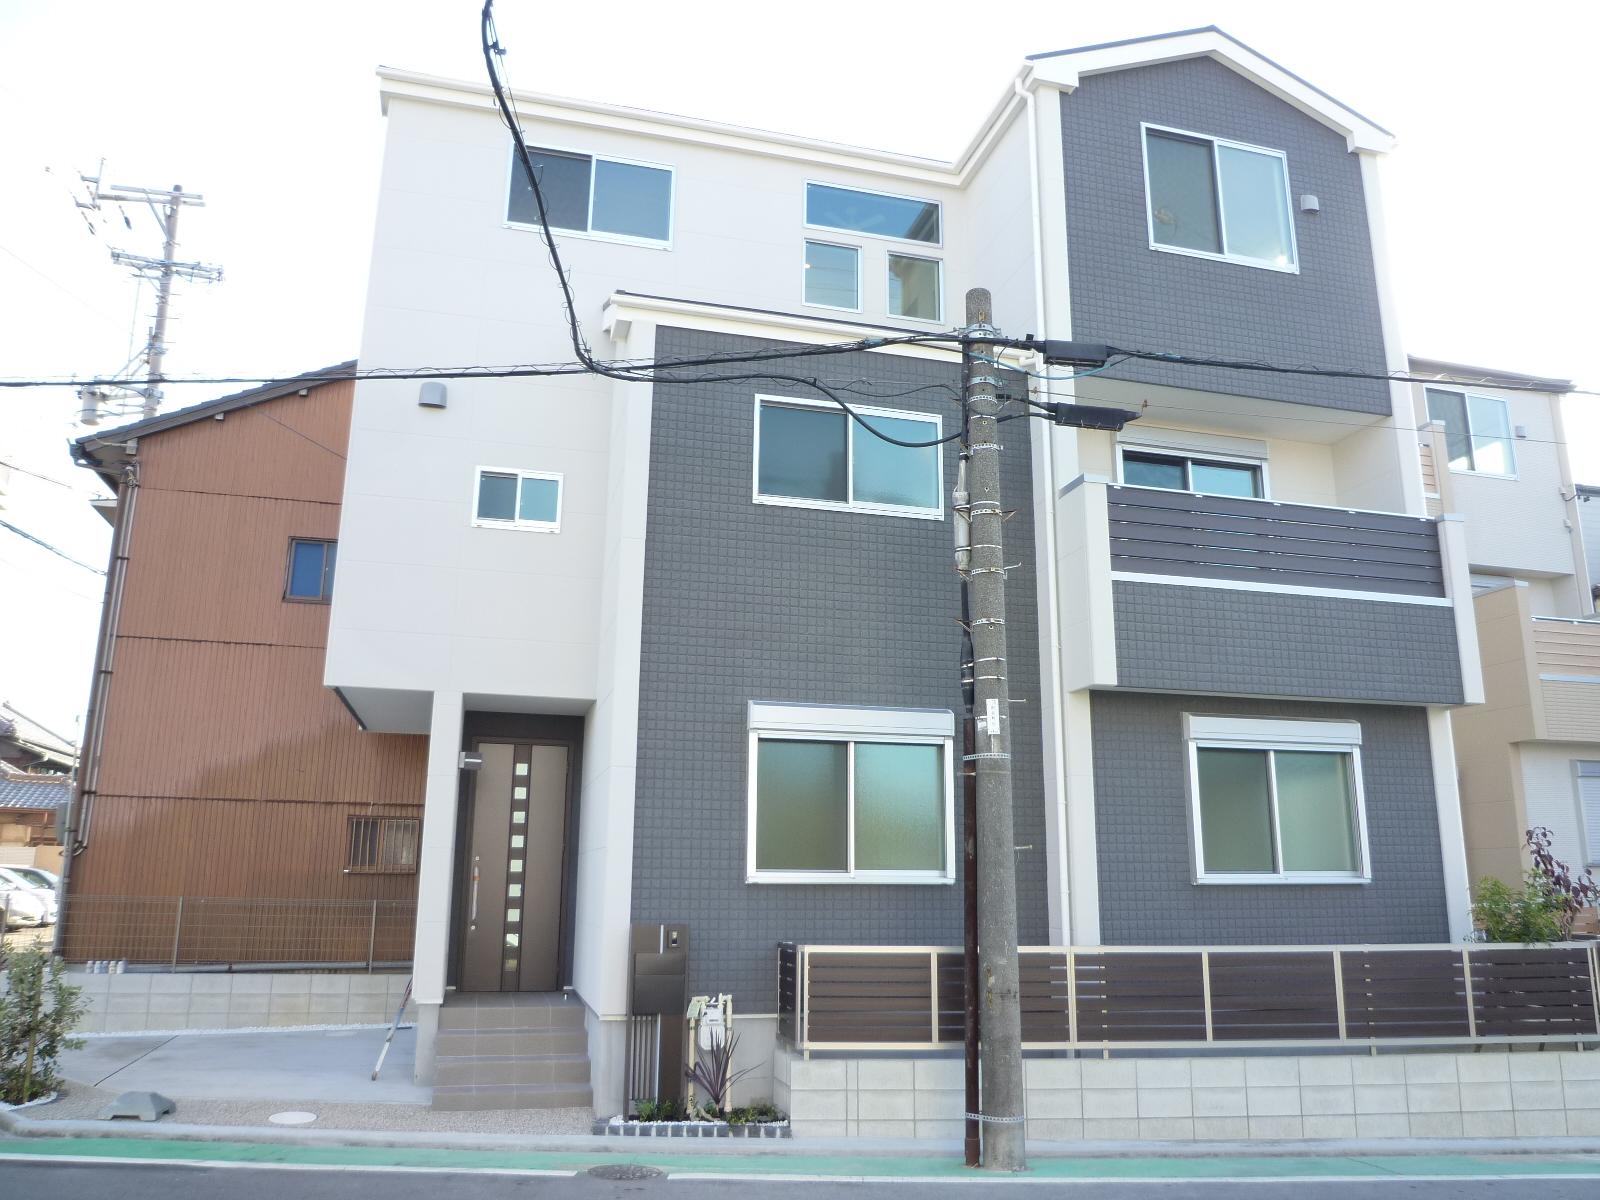 西入り 4LDK 木造3階建 31.77坪